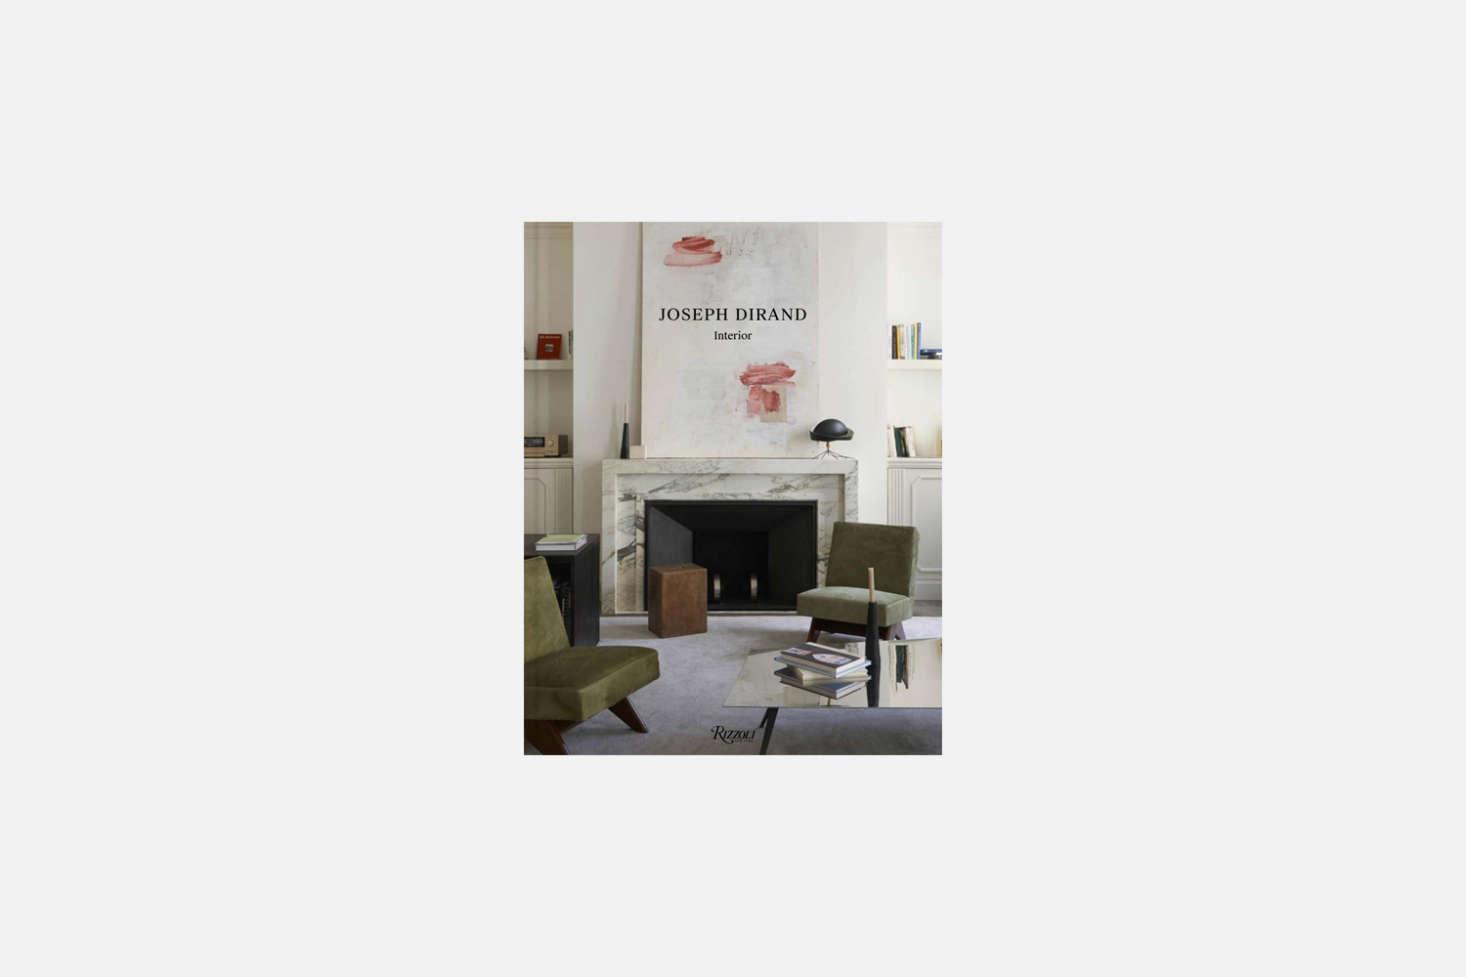 French minimalist Joseph Dirand gets his moment inJoseph Dirand: Interior; $43.87 from Amazon.